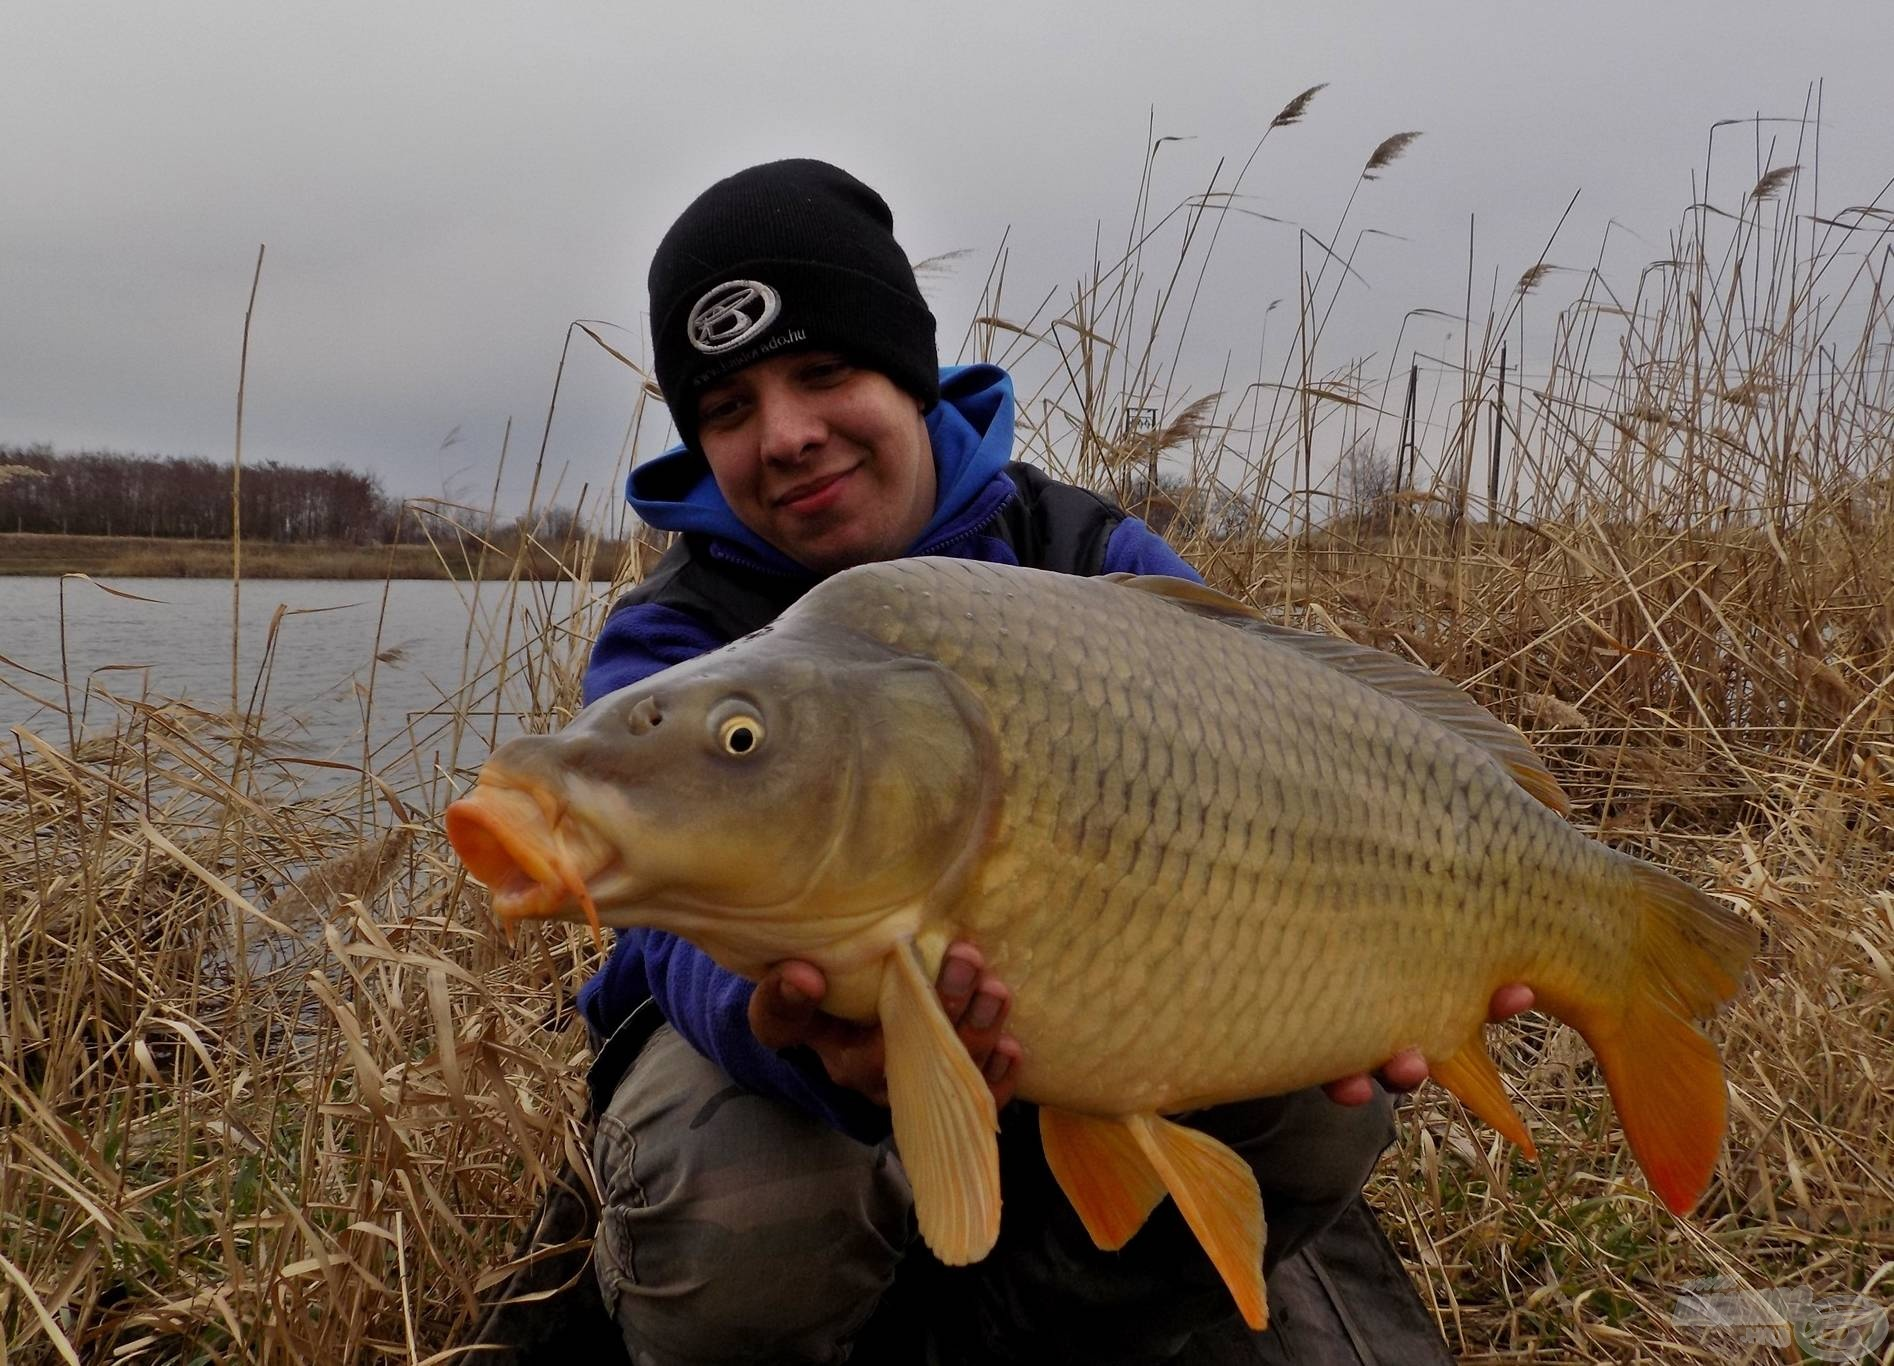 Szerencsére nem volt pihenő, a délutáni órák most sem okoztak csalódást! A halak súlya ezen a horgászaton jellemzően 5 és 8 kg között alakult